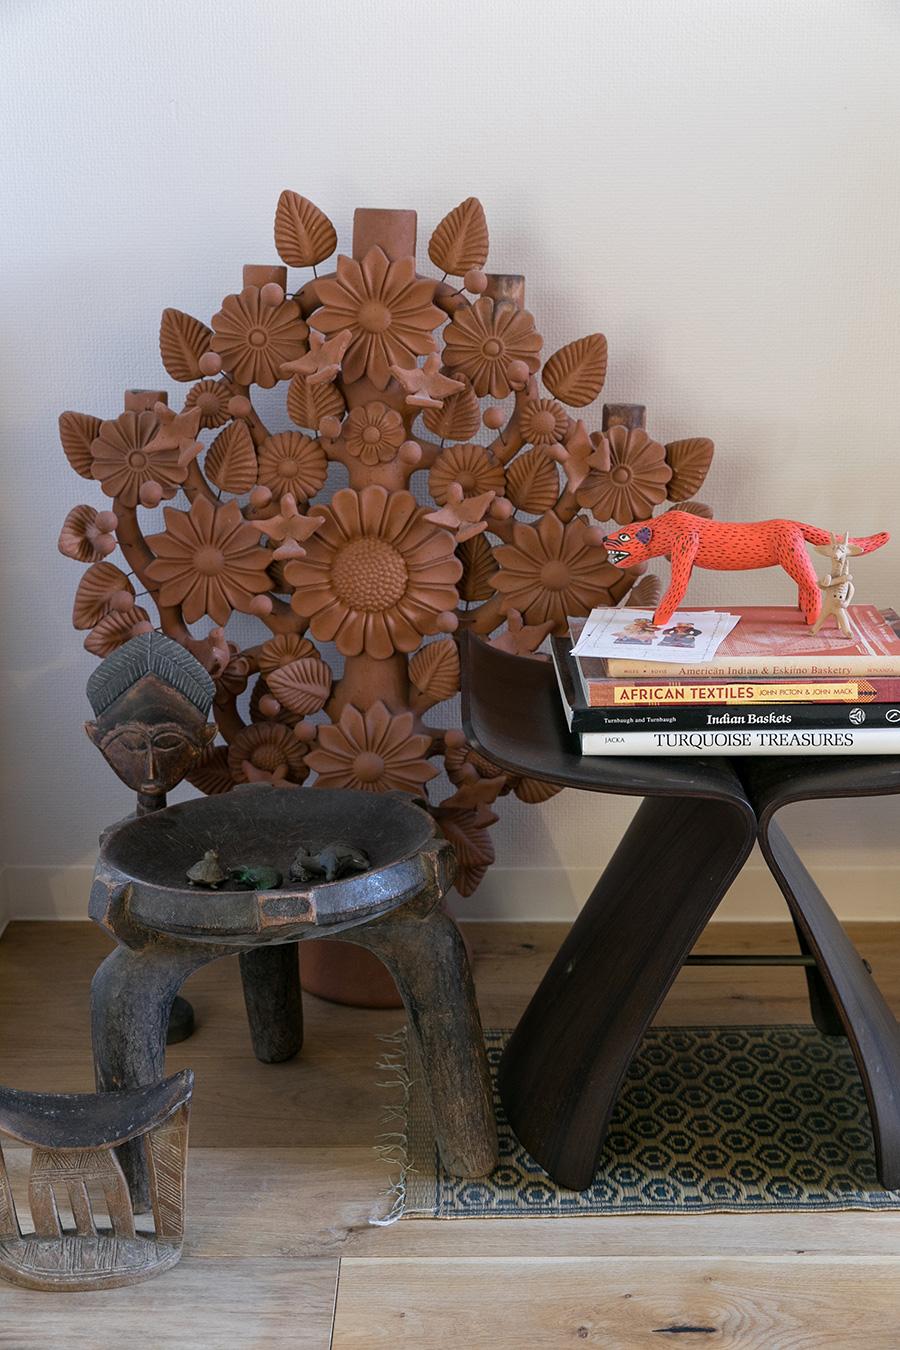 奥はメキシコの伝統工芸品Tree of Life(生命の樹)。「一家に一台はあるものと聞いています。彩色していない素焼きのものは珍しいと思います」。柳宗理のバタフライスツールと、アフリカの民藝のスツールや枕を一緒に飾る。